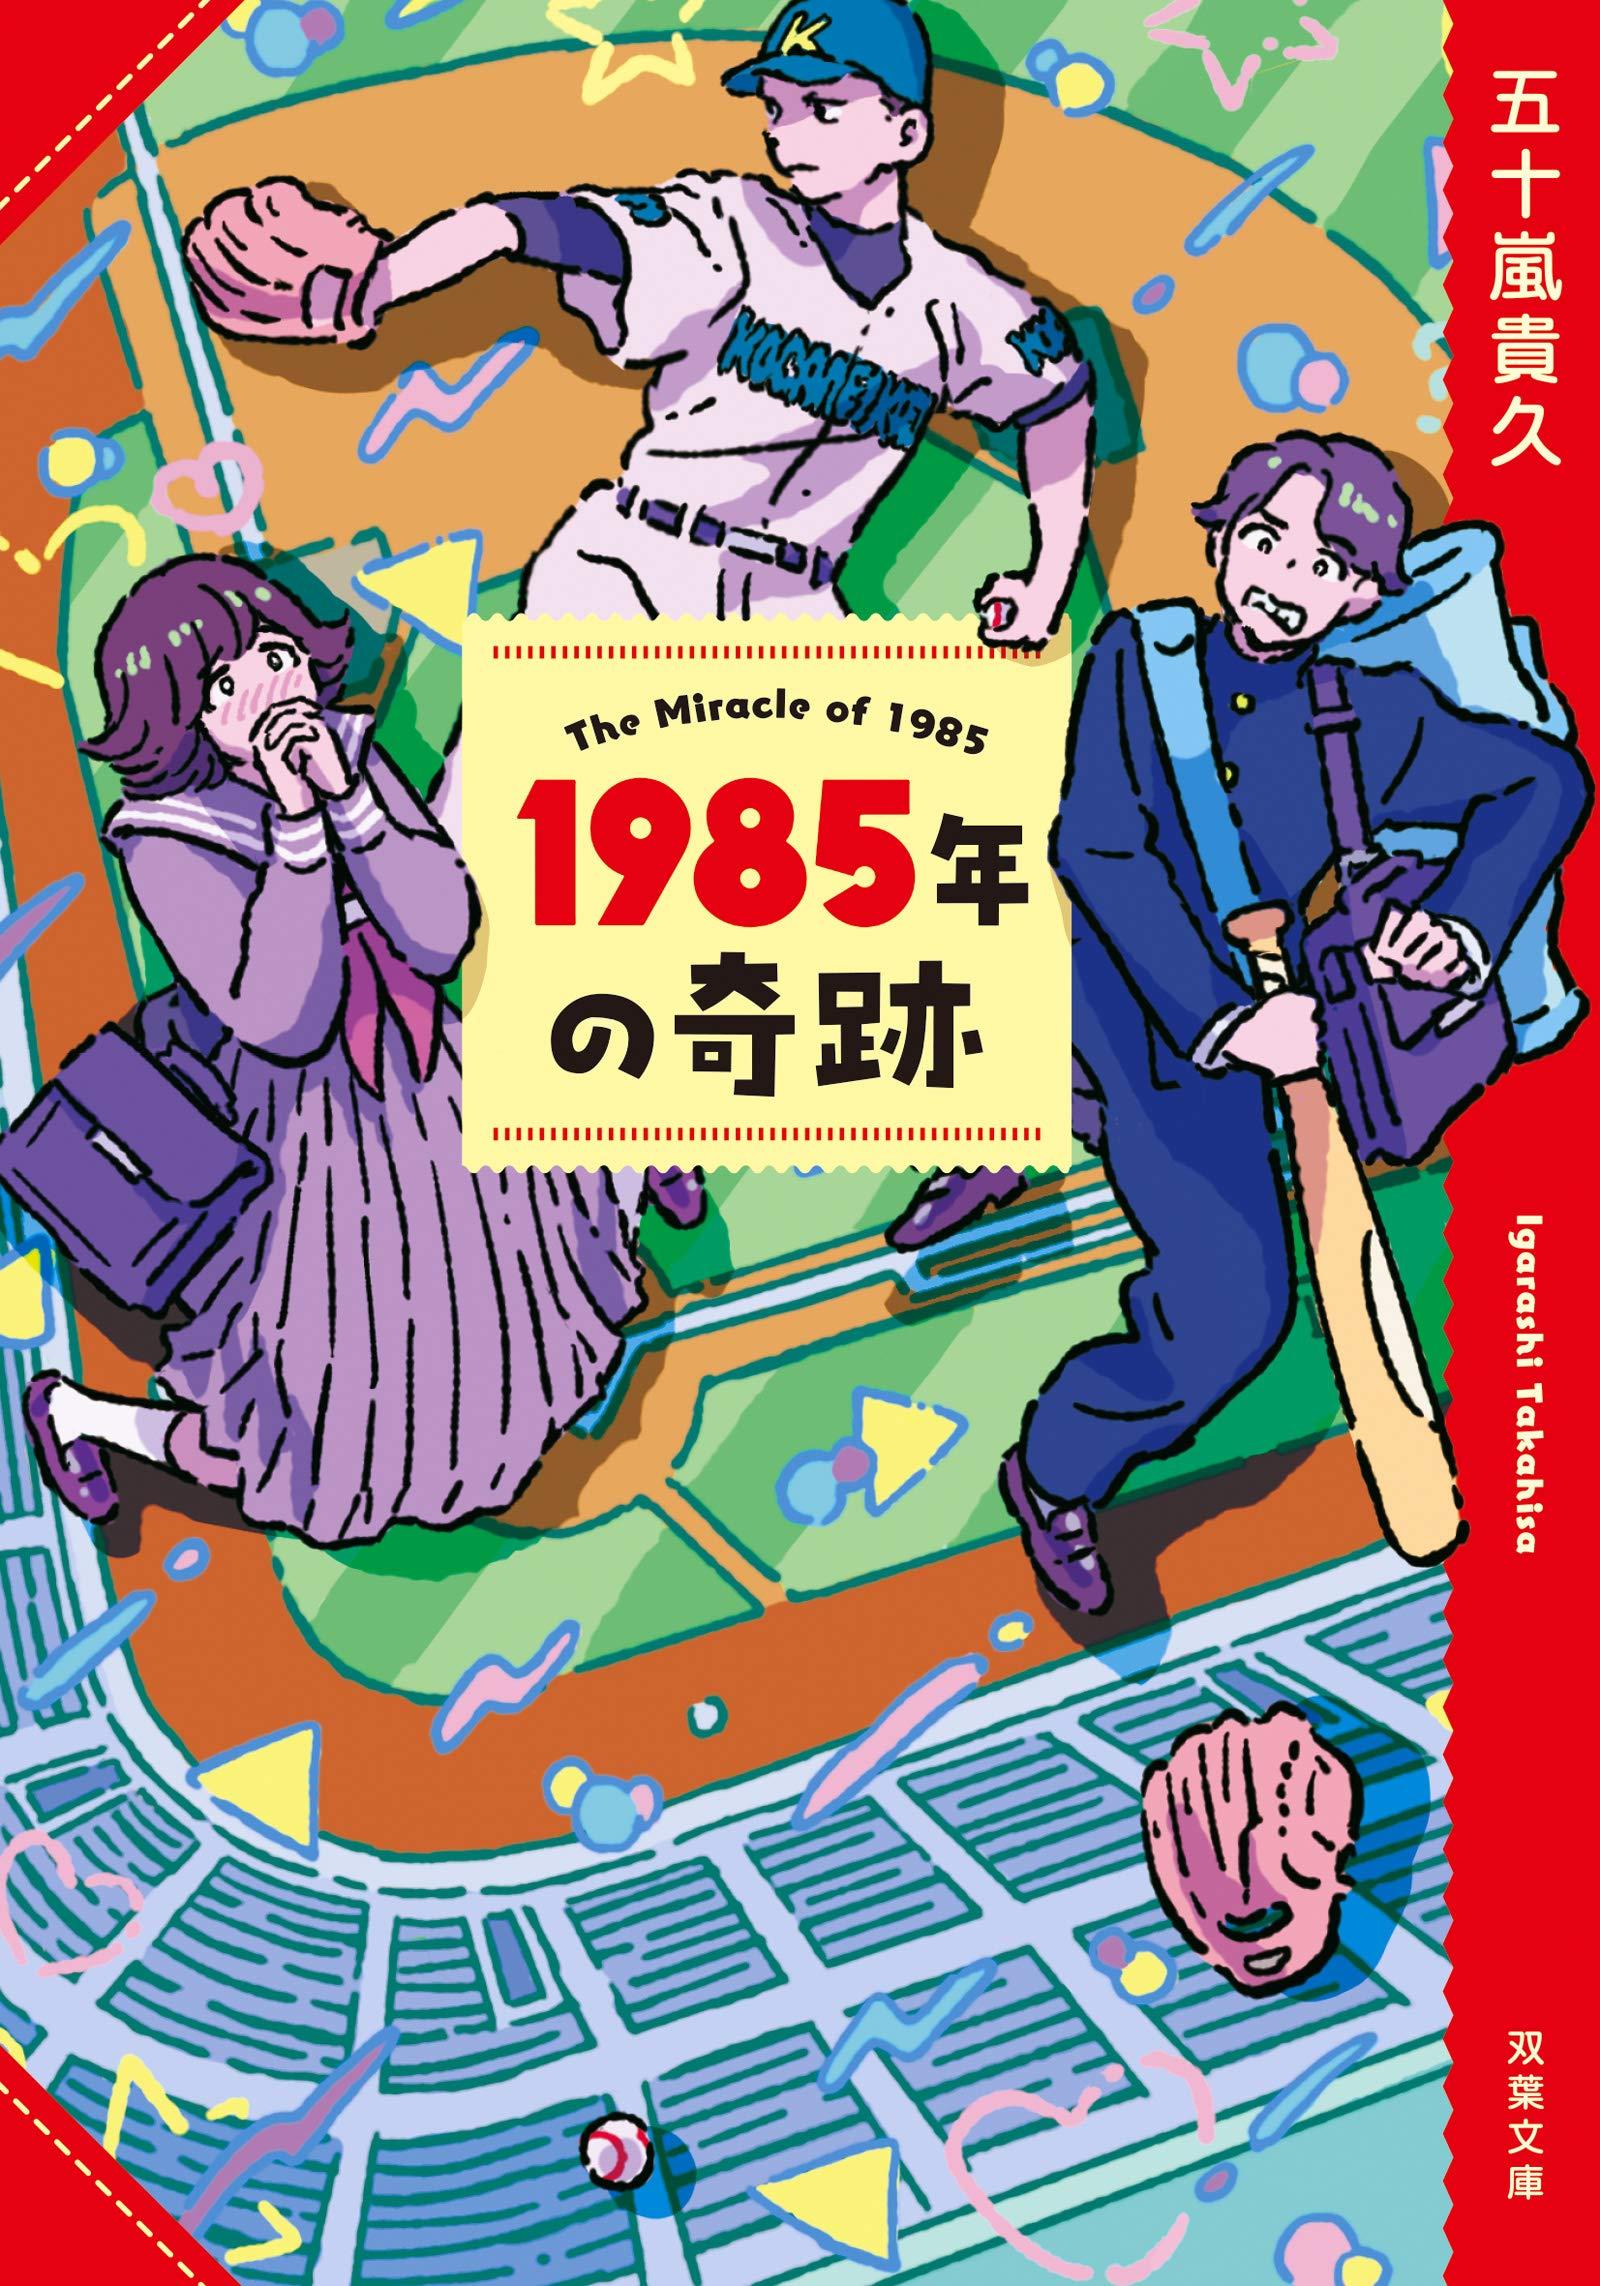 1985年の奇跡〈新装版〉 (双葉文庫) | 五十嵐 貴久 |本 | 通販 | Amazon